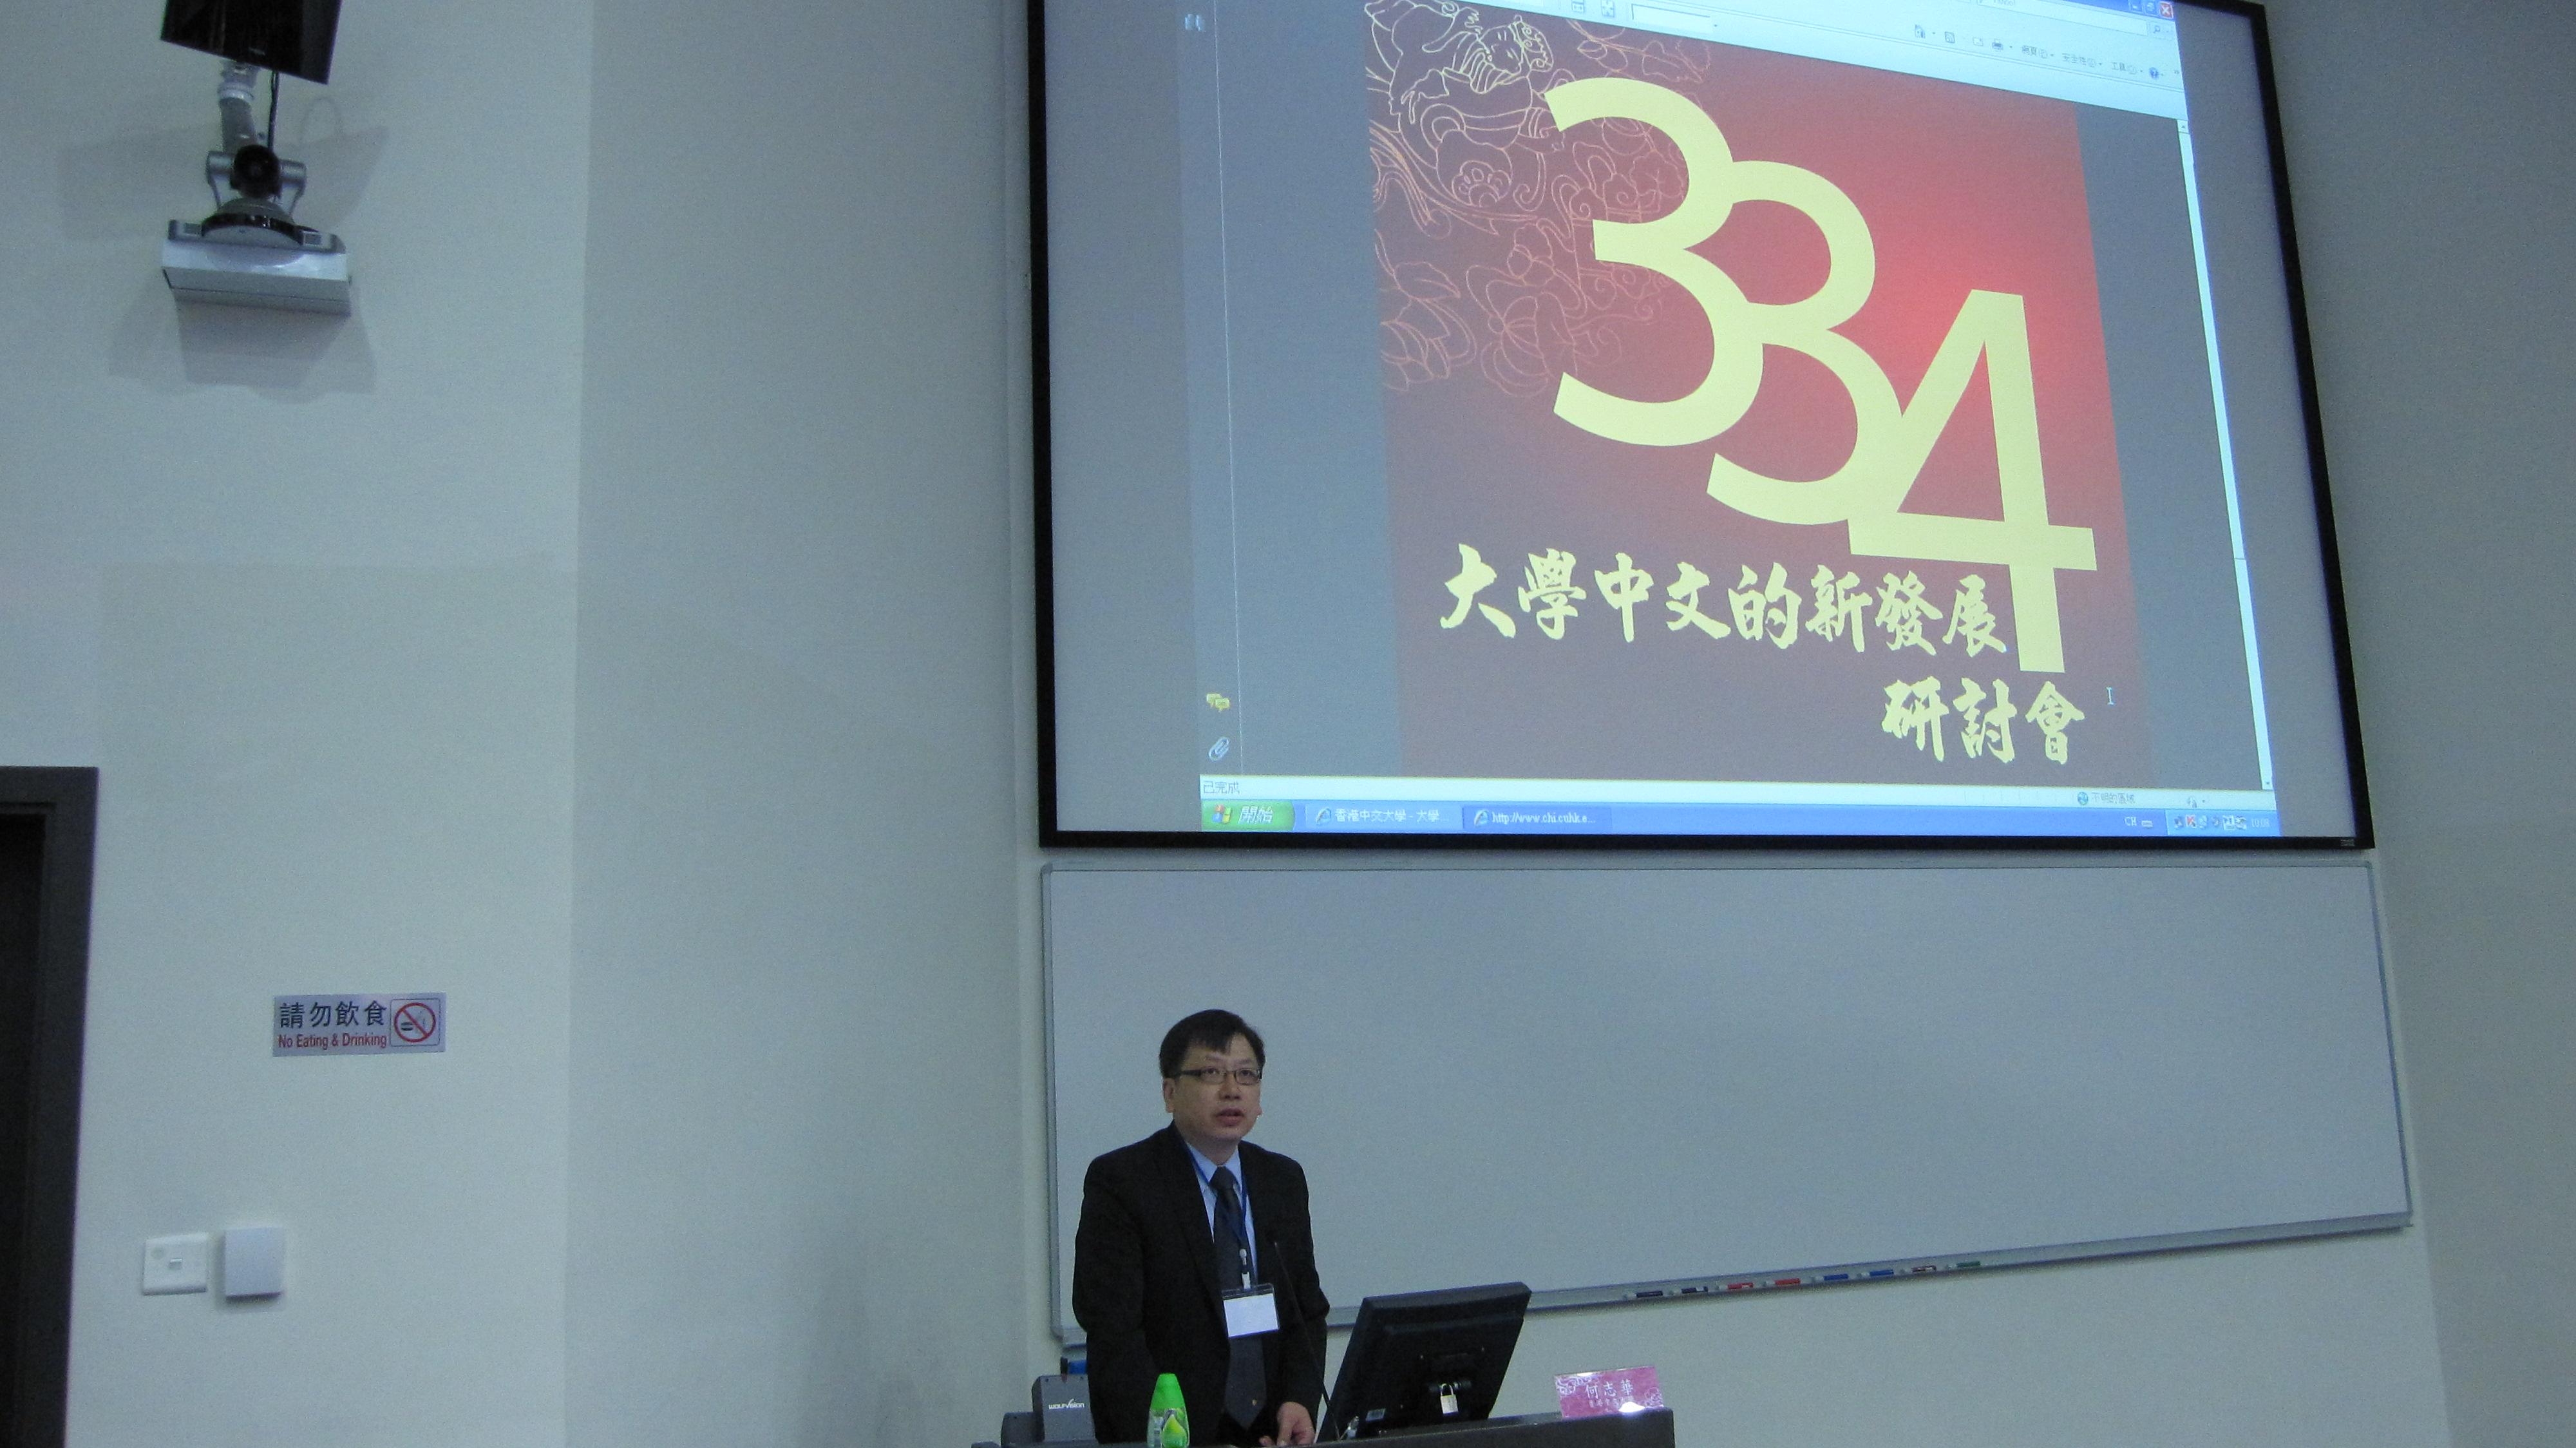 中大中国语言及文学系系主任何志华教授致欢迎辞